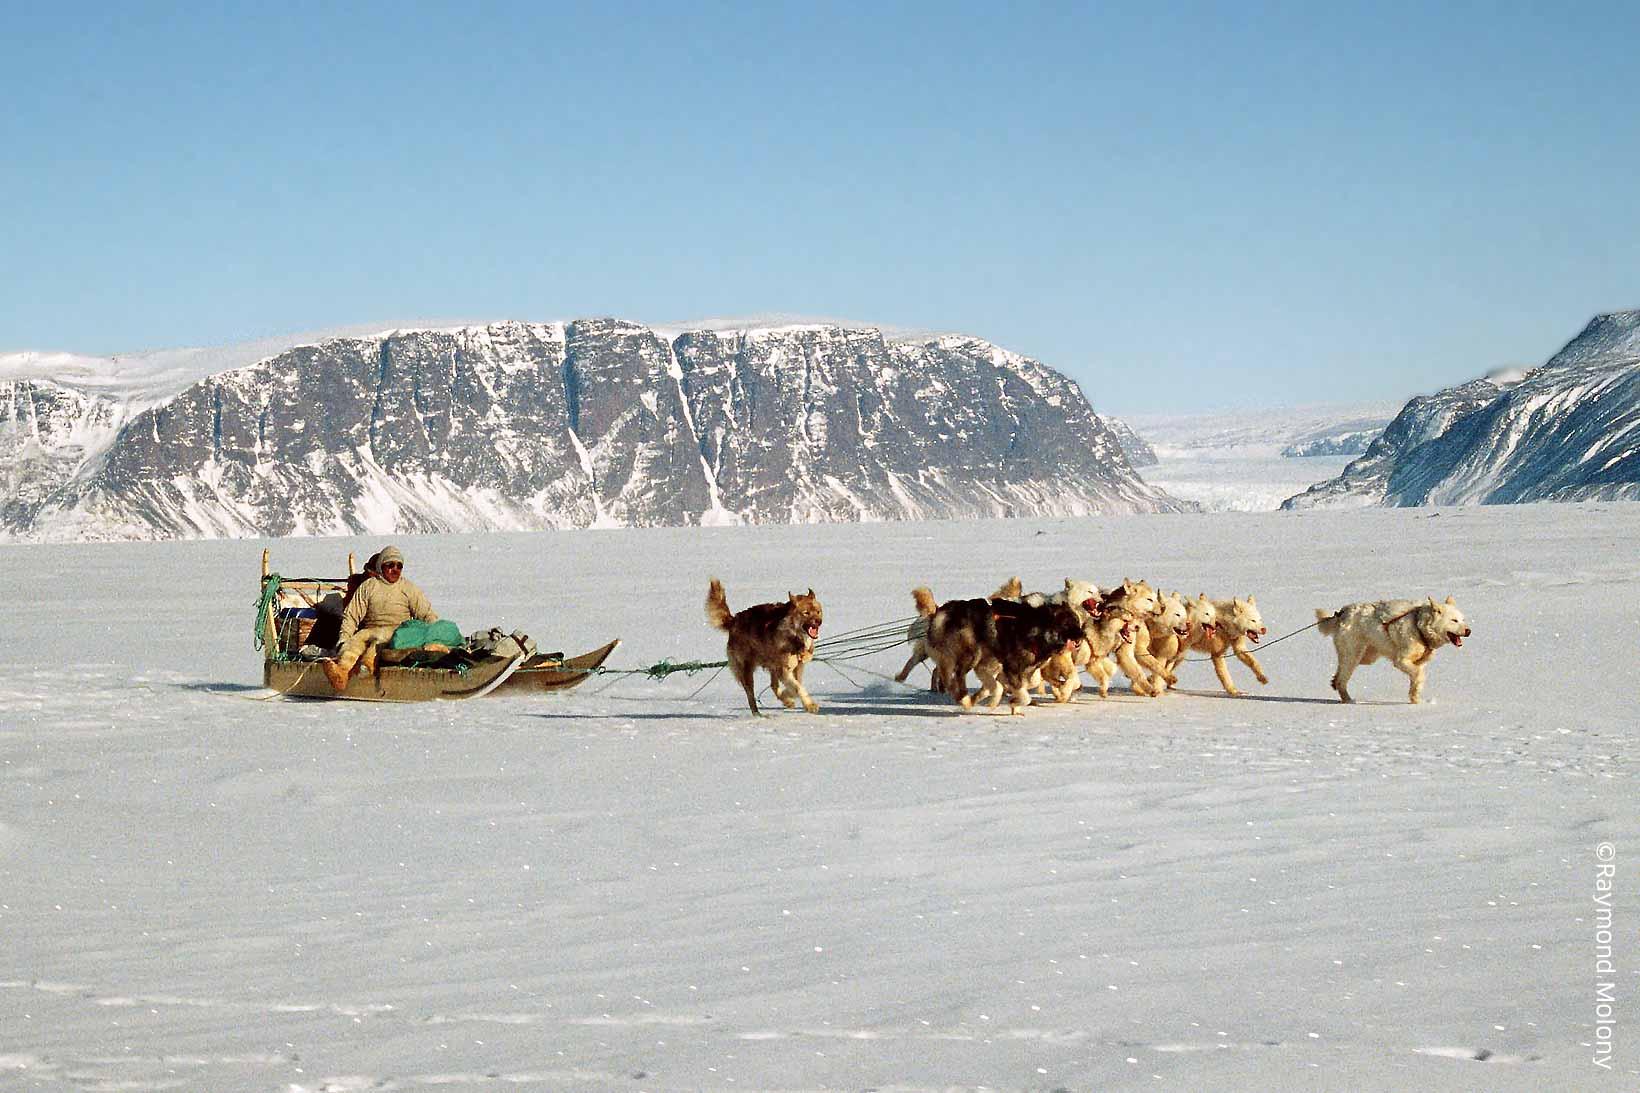 Inuit hunter on sledge